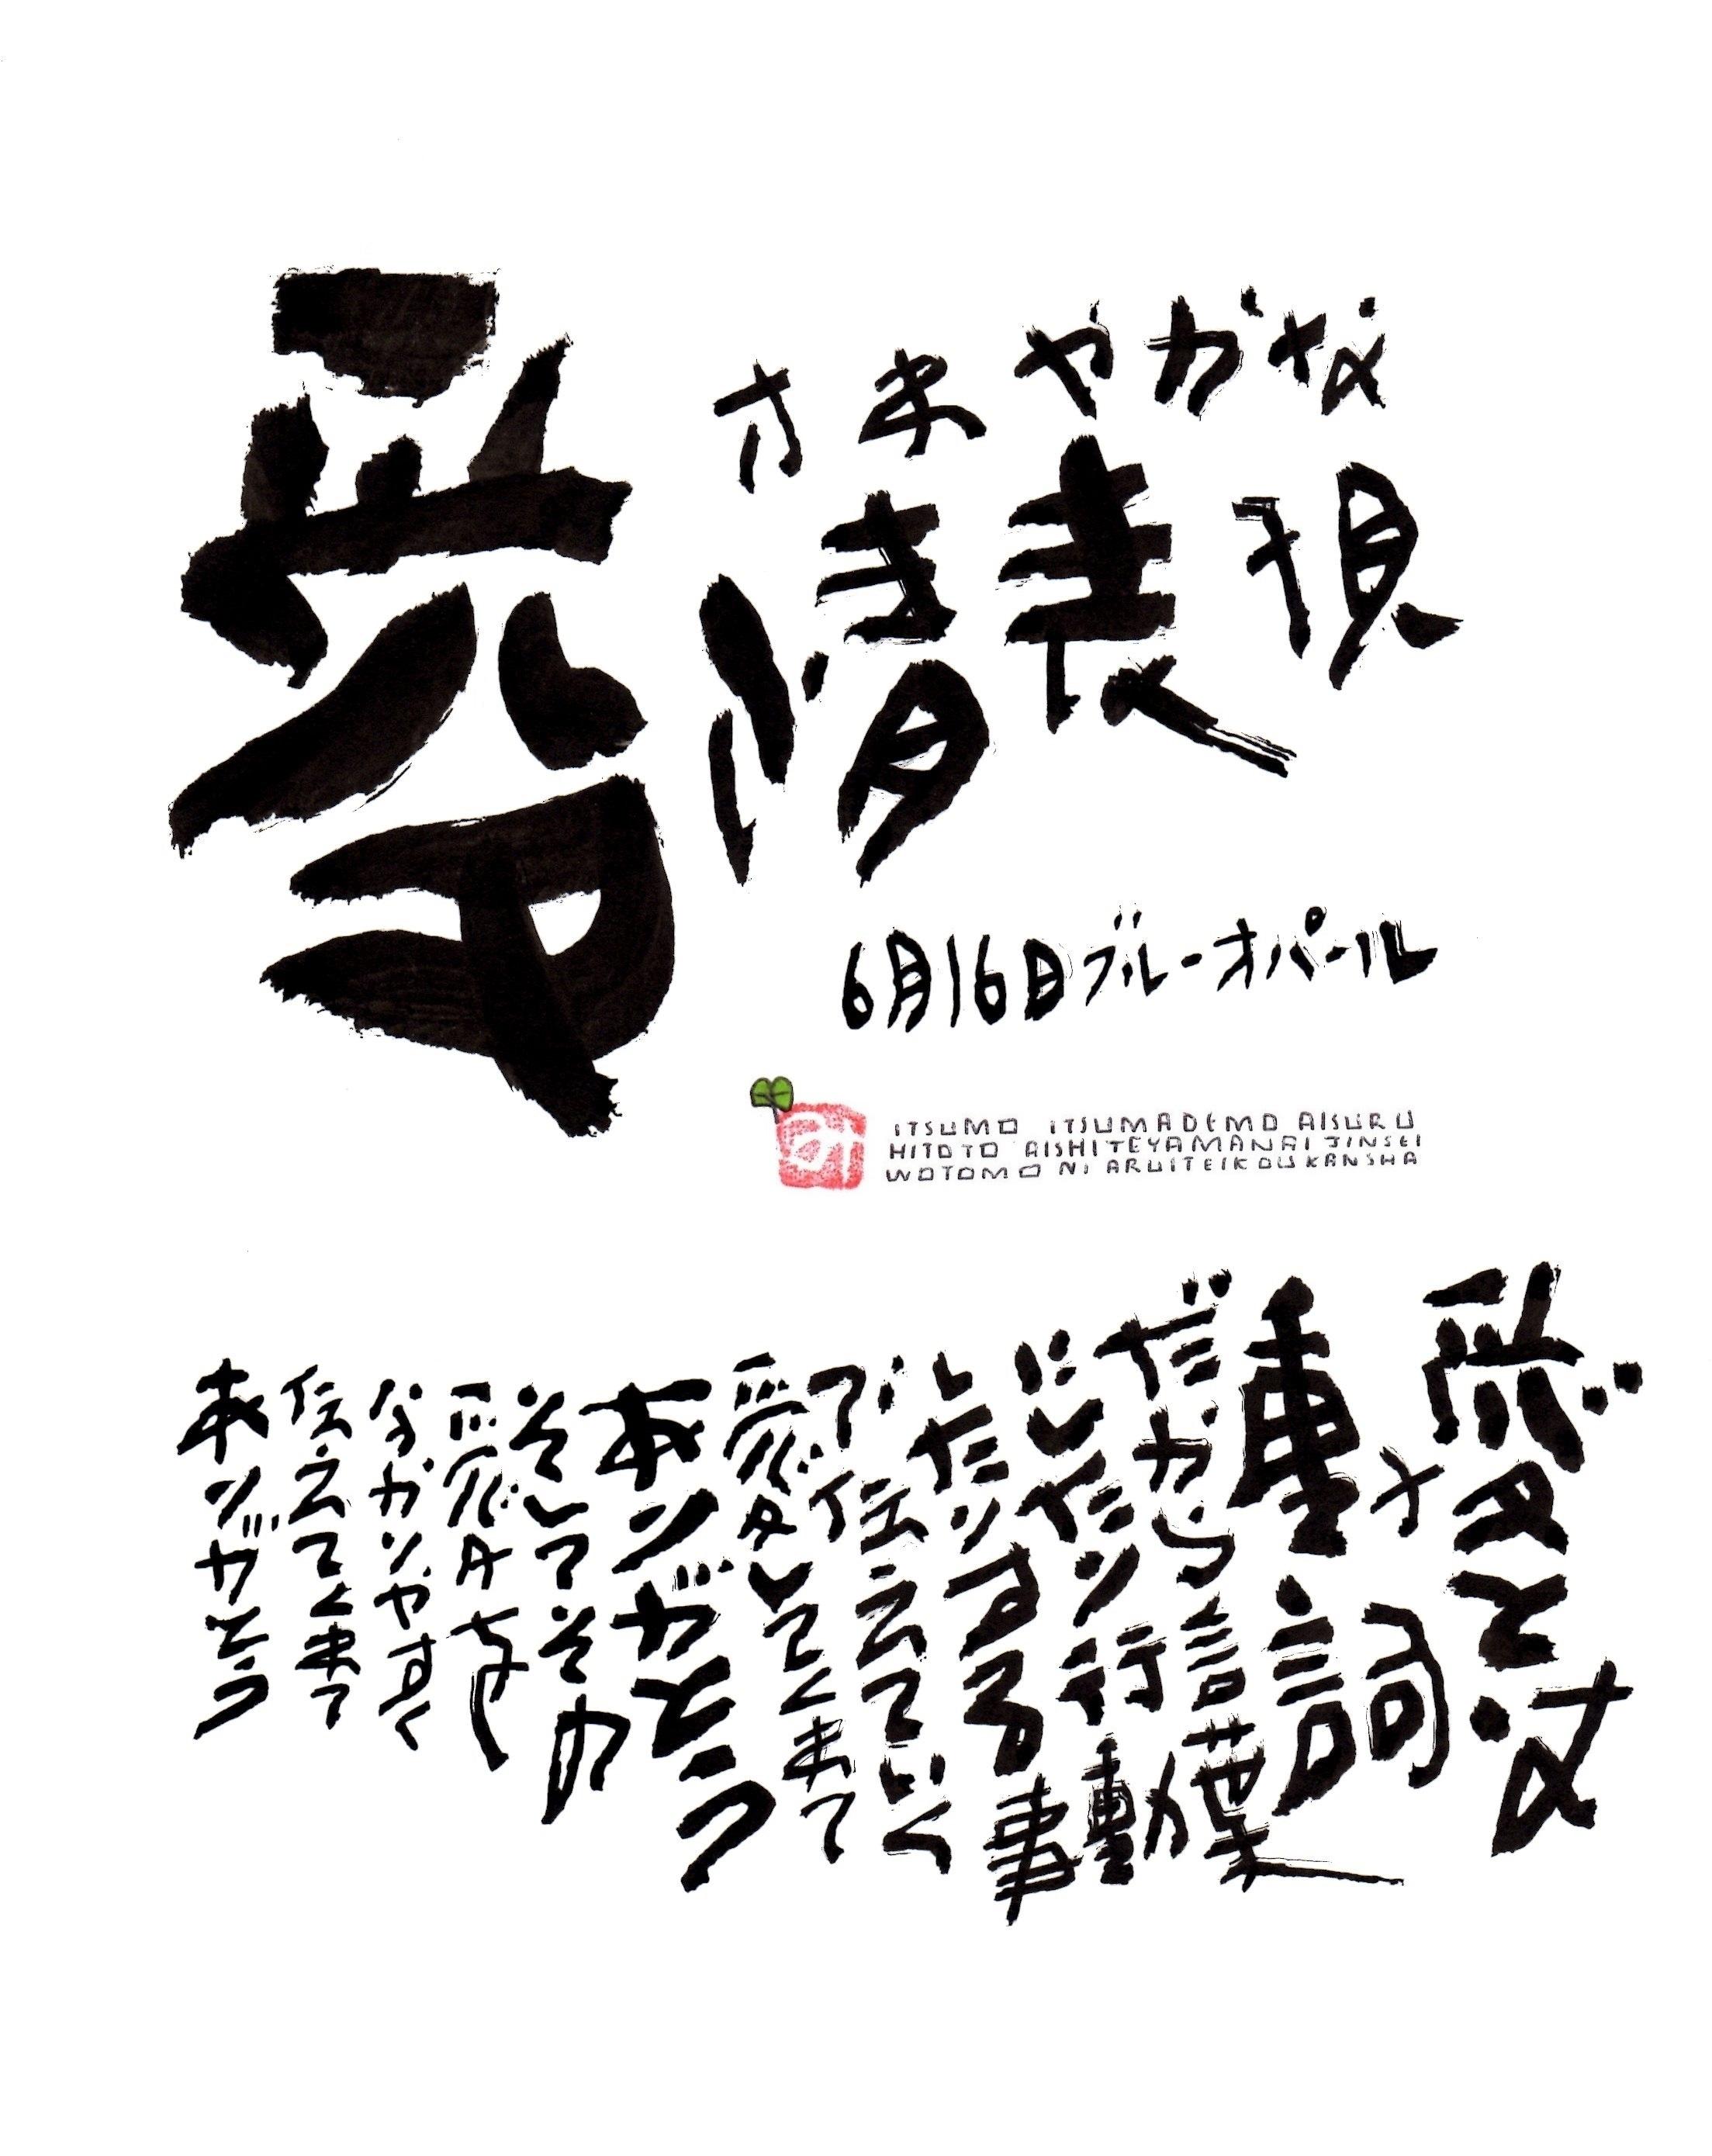 6月16日 結婚記念日ポストカード【さわやかな愛情表現】